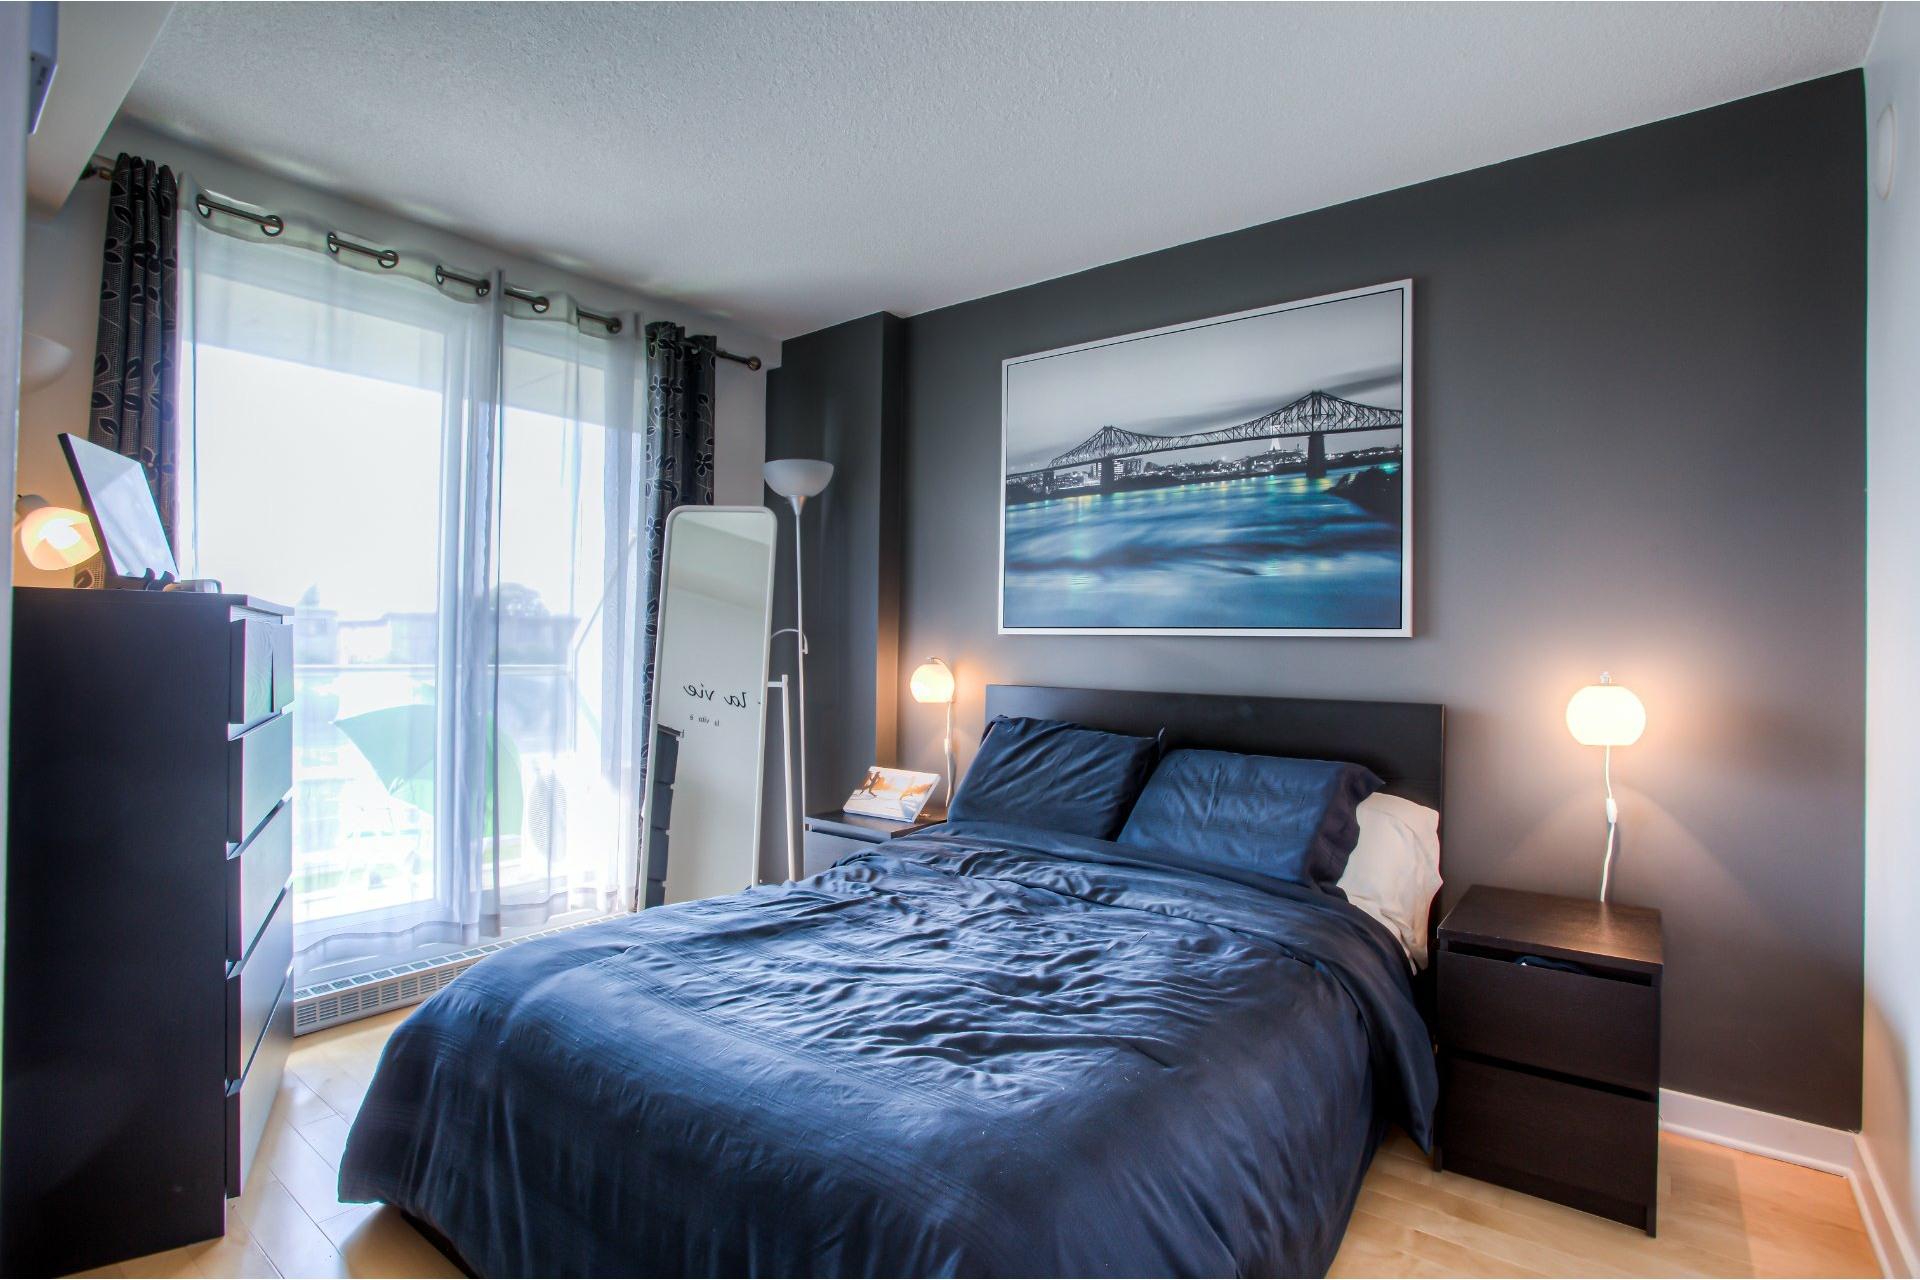 image 10 - Appartement À vendre Ahuntsic-Cartierville Montréal  - 3 pièces